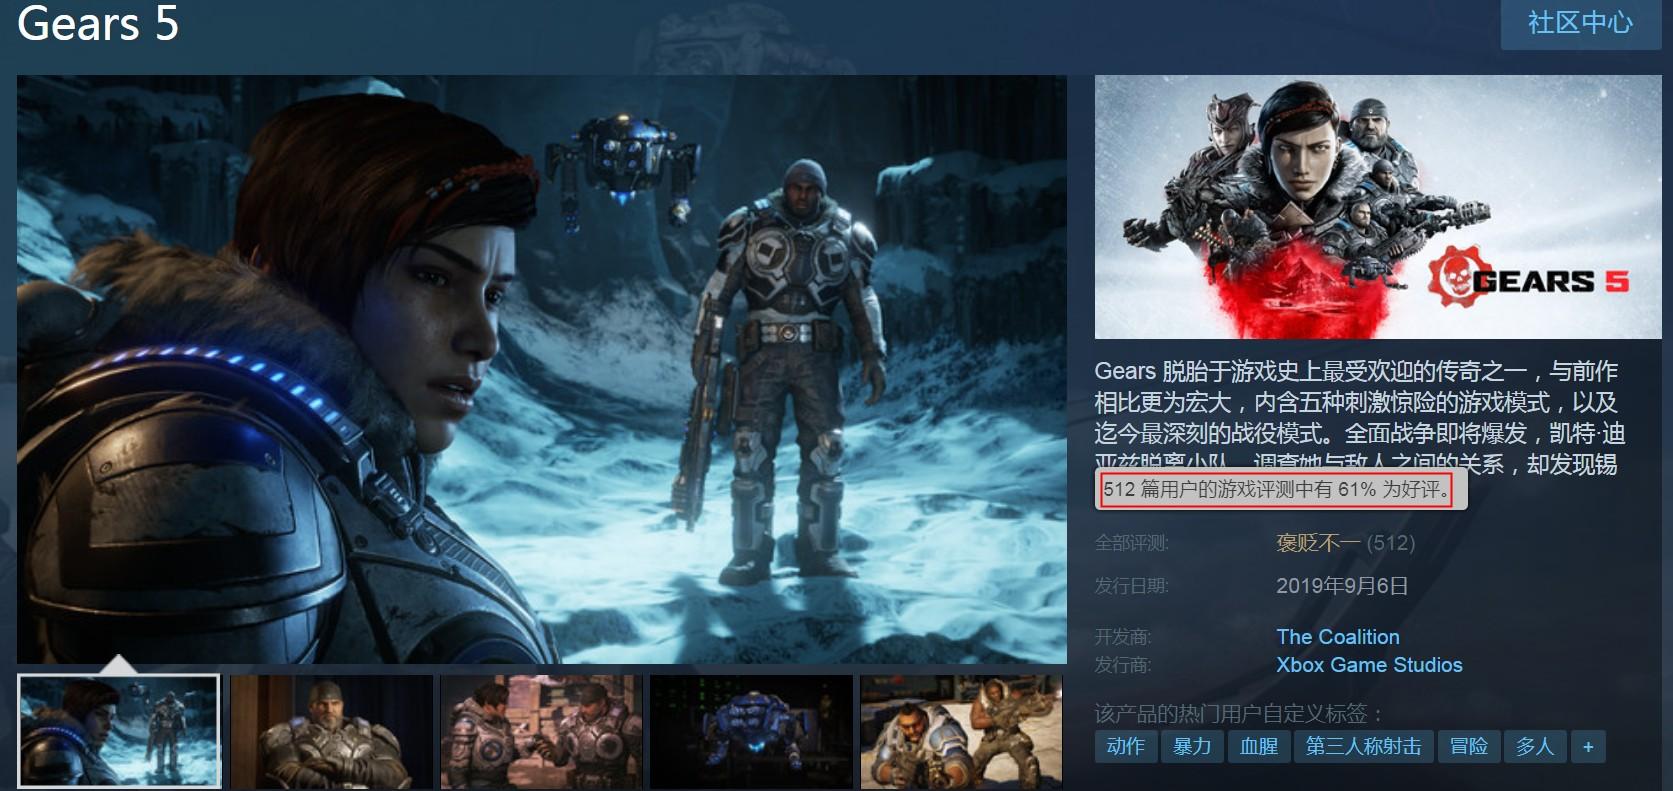 《战争机器5》Steam褒贬不一 差评率39%主要来自中国玩家